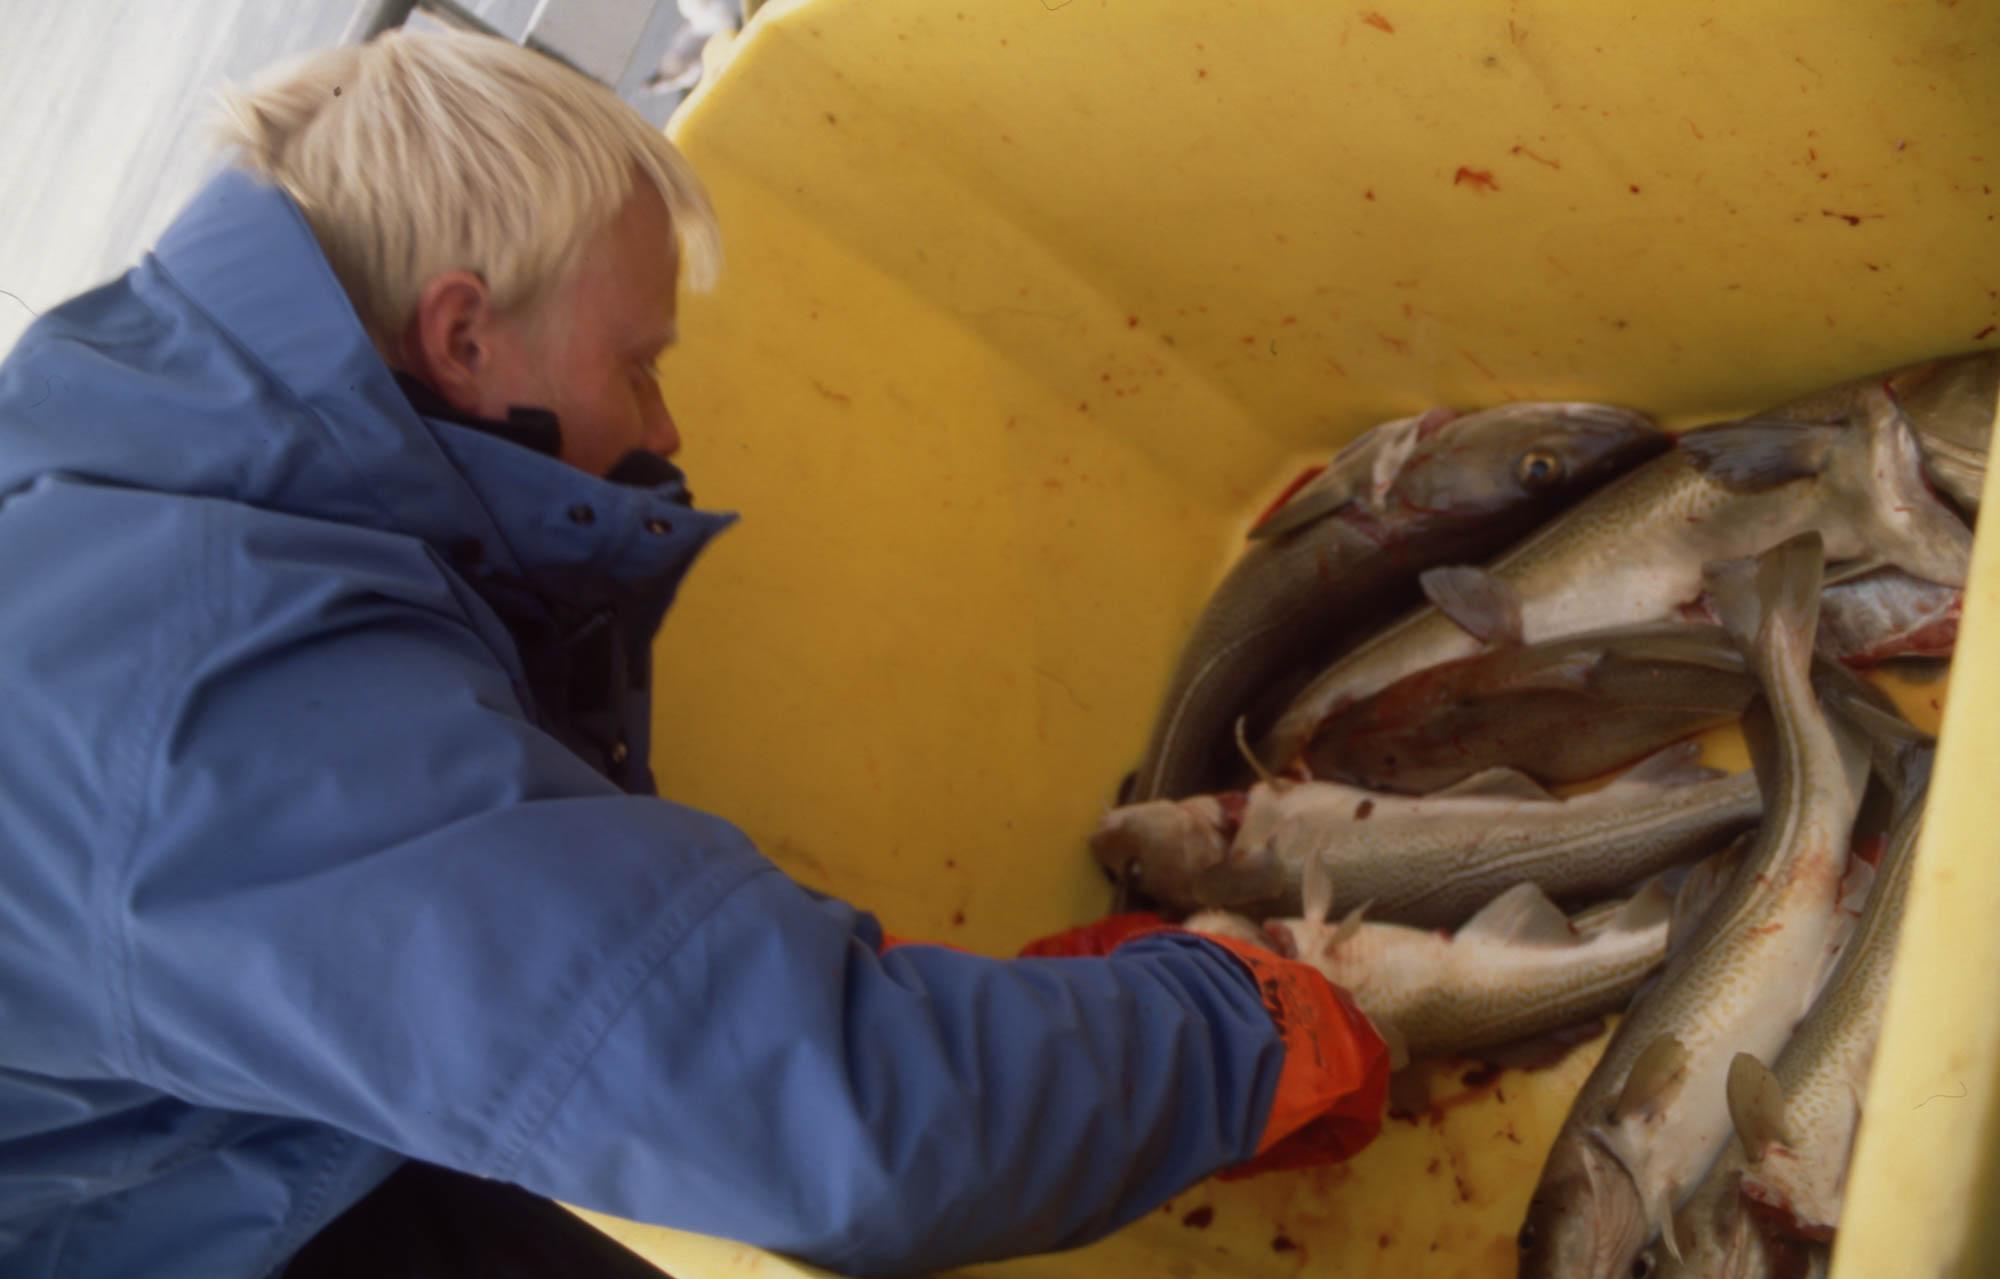 Fangsten av stor torsk lot ikke vente på seg da vi fikk ble med et par lokale fiskere ut på fjorden ved Olafsvik.